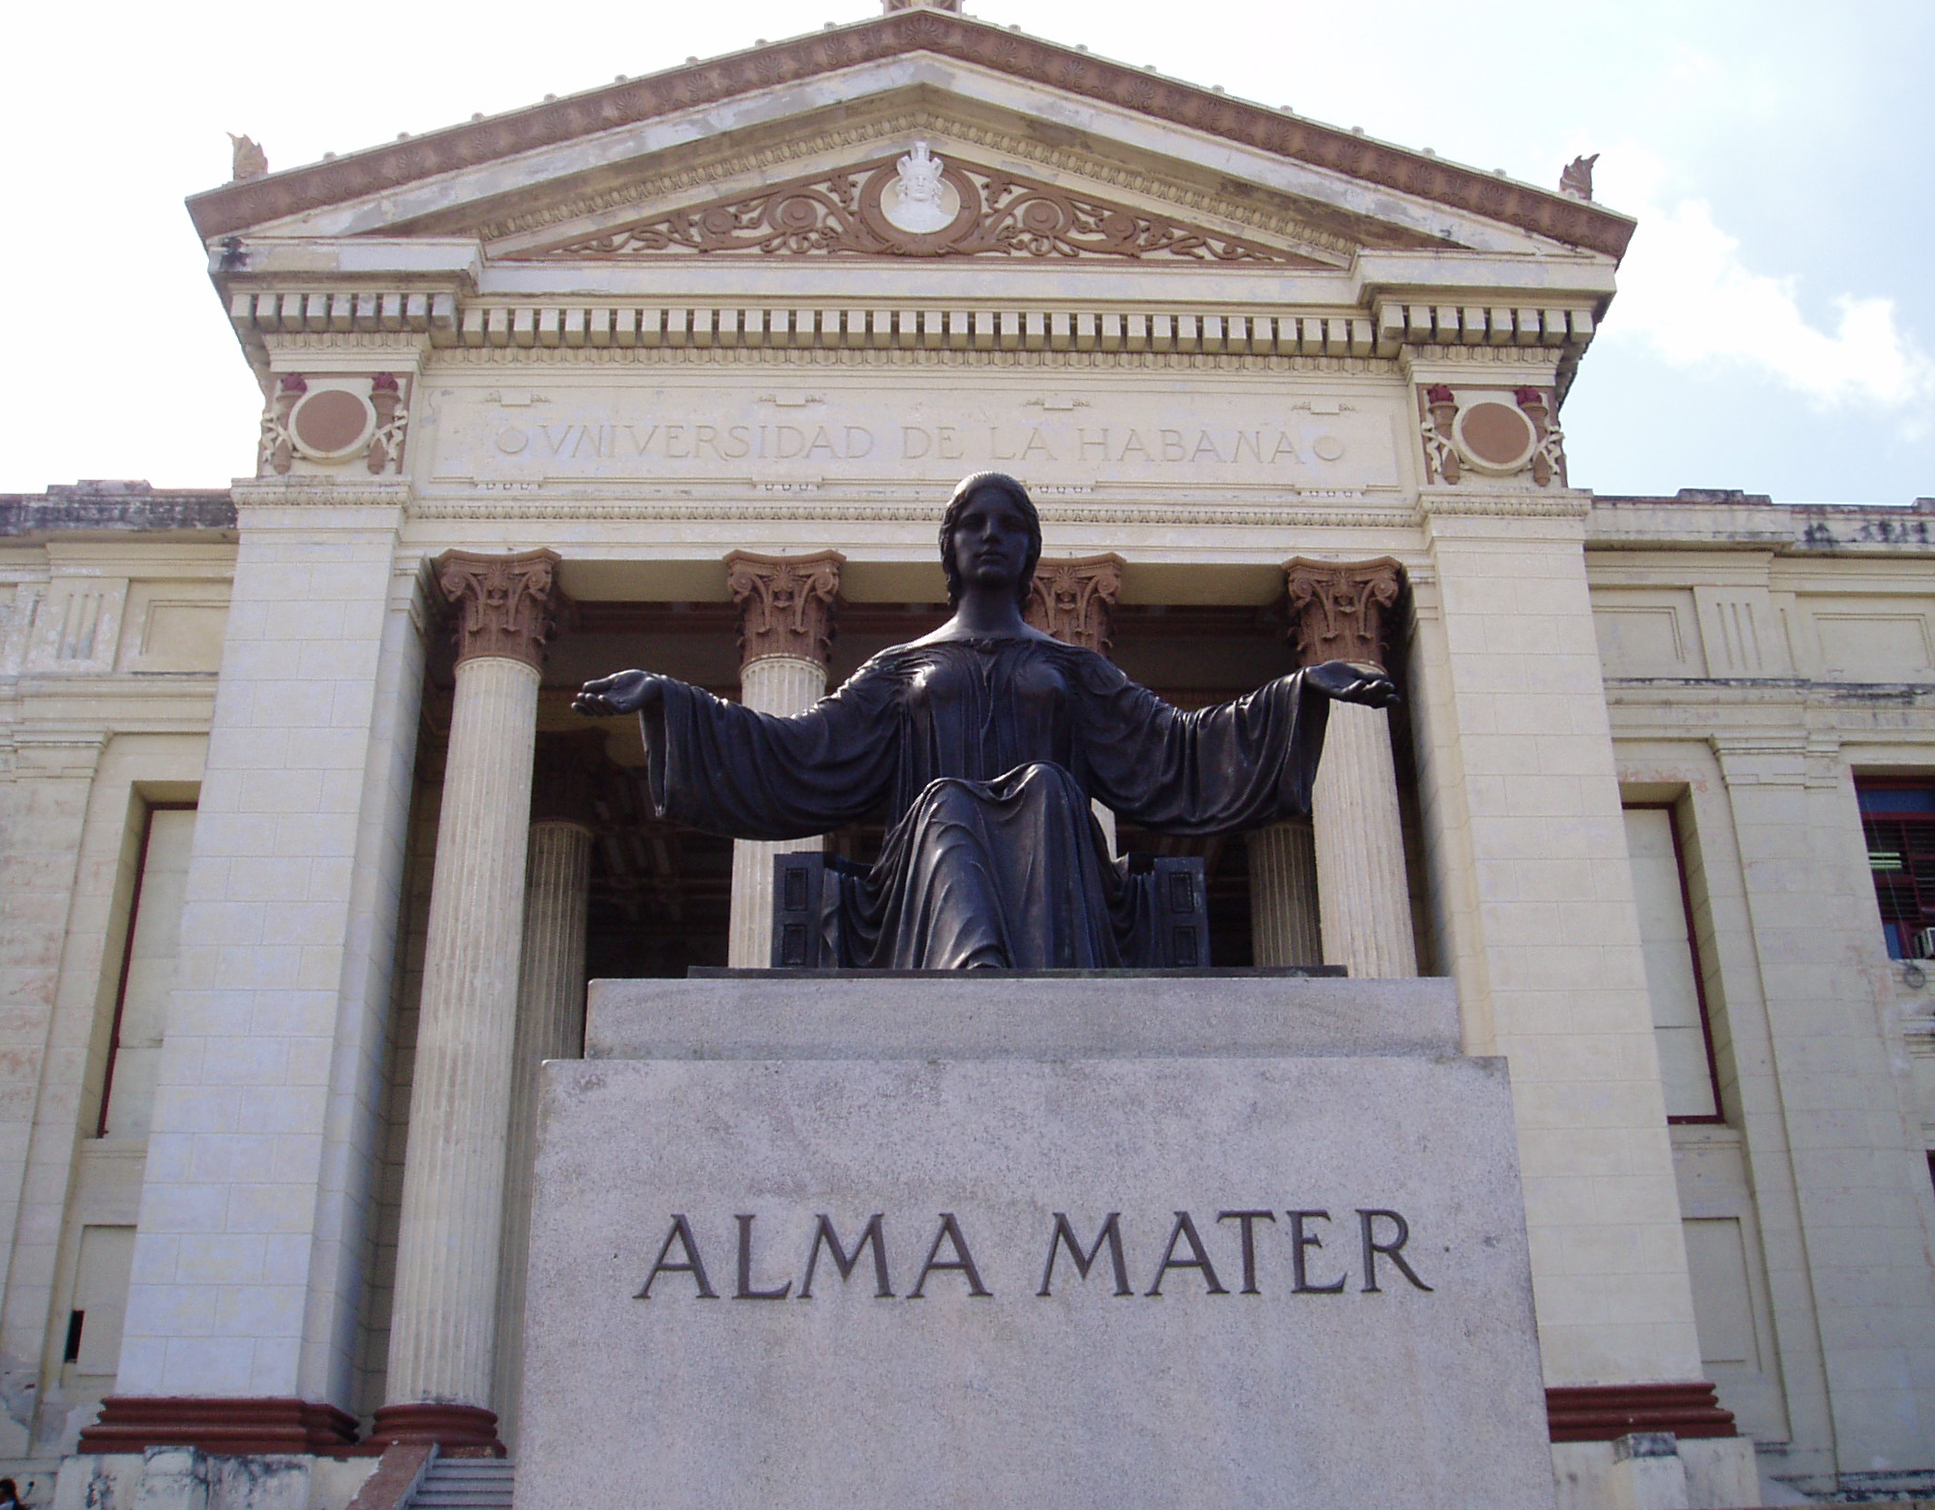 Alma Mater Wikipedia La Enciclopedia Libre